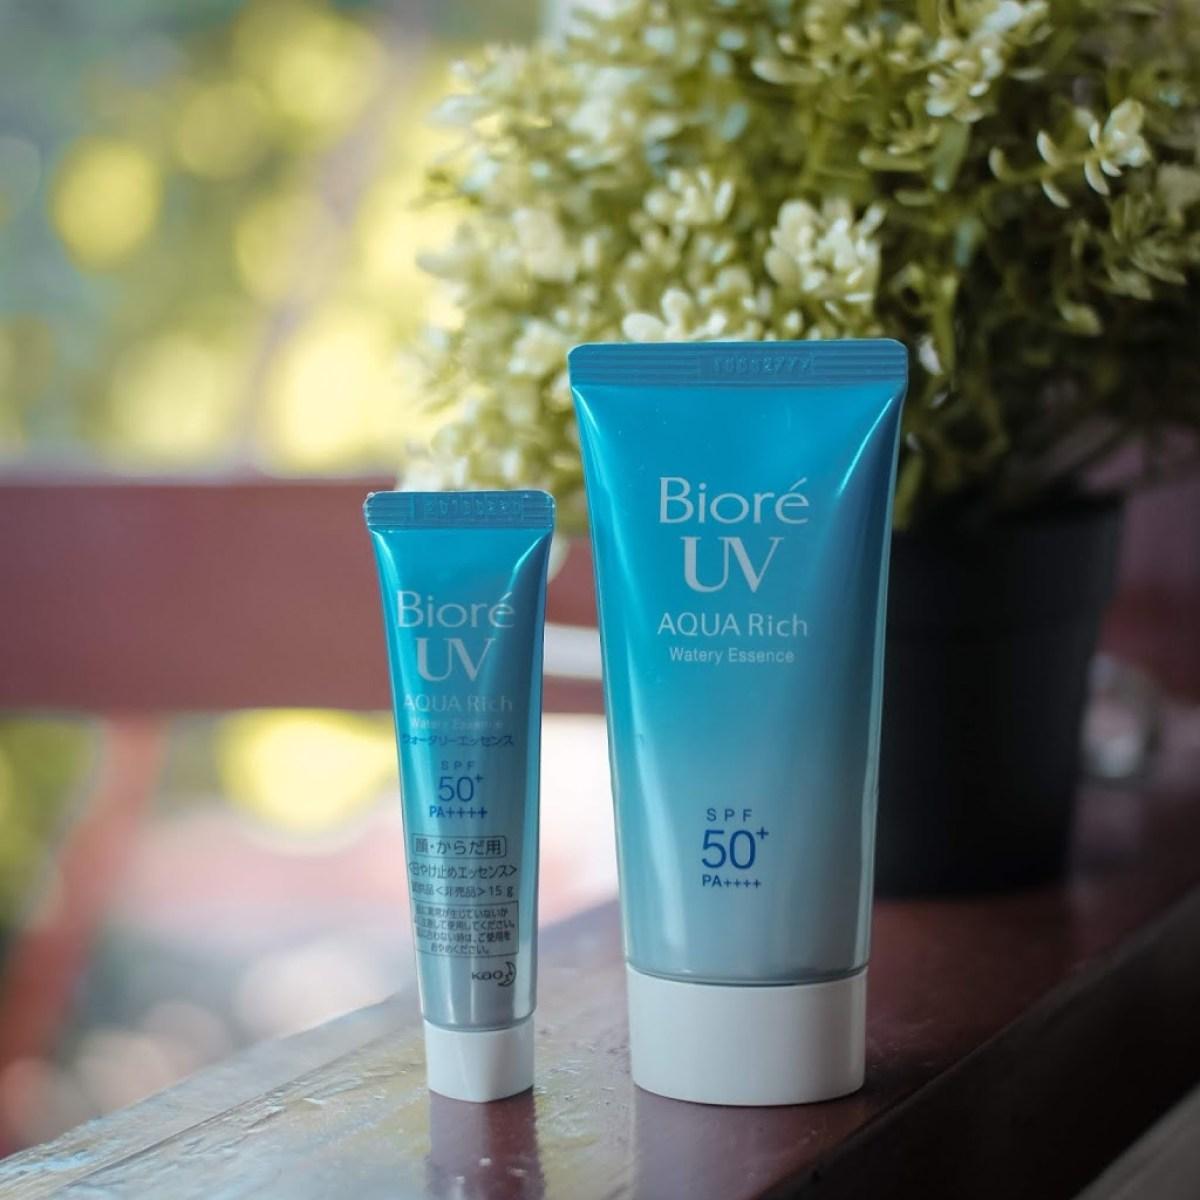 Biore UV Aqua Rich SPF 50+ PA++++